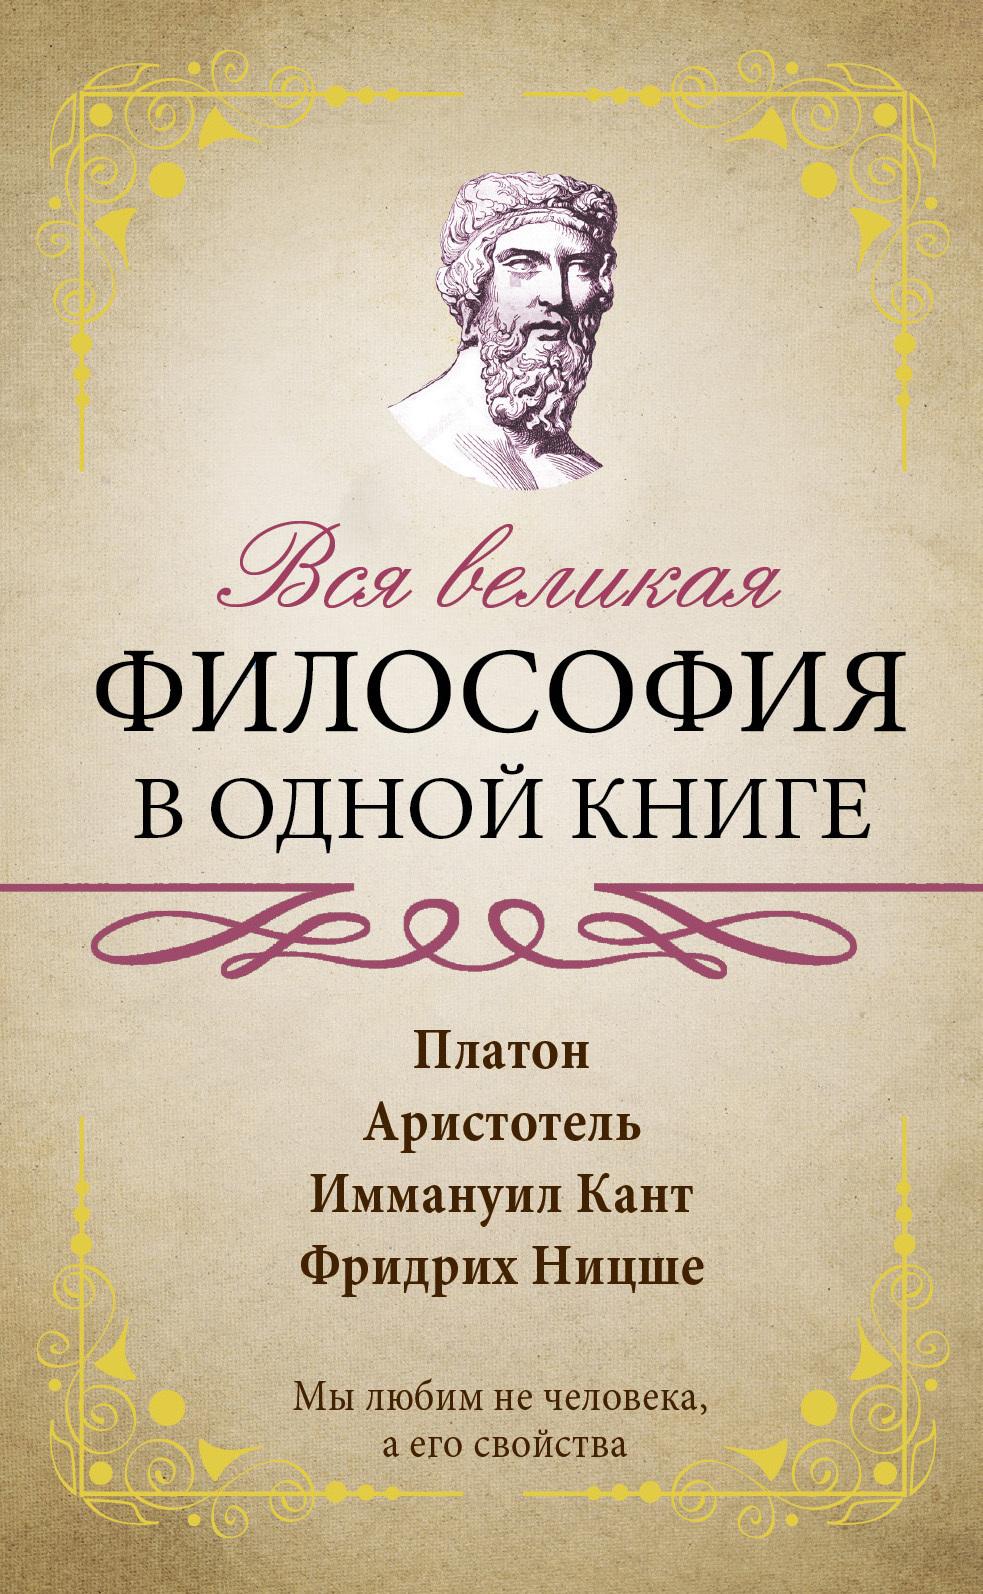 Сборник афоризмов - Вся великая философия в одной книге